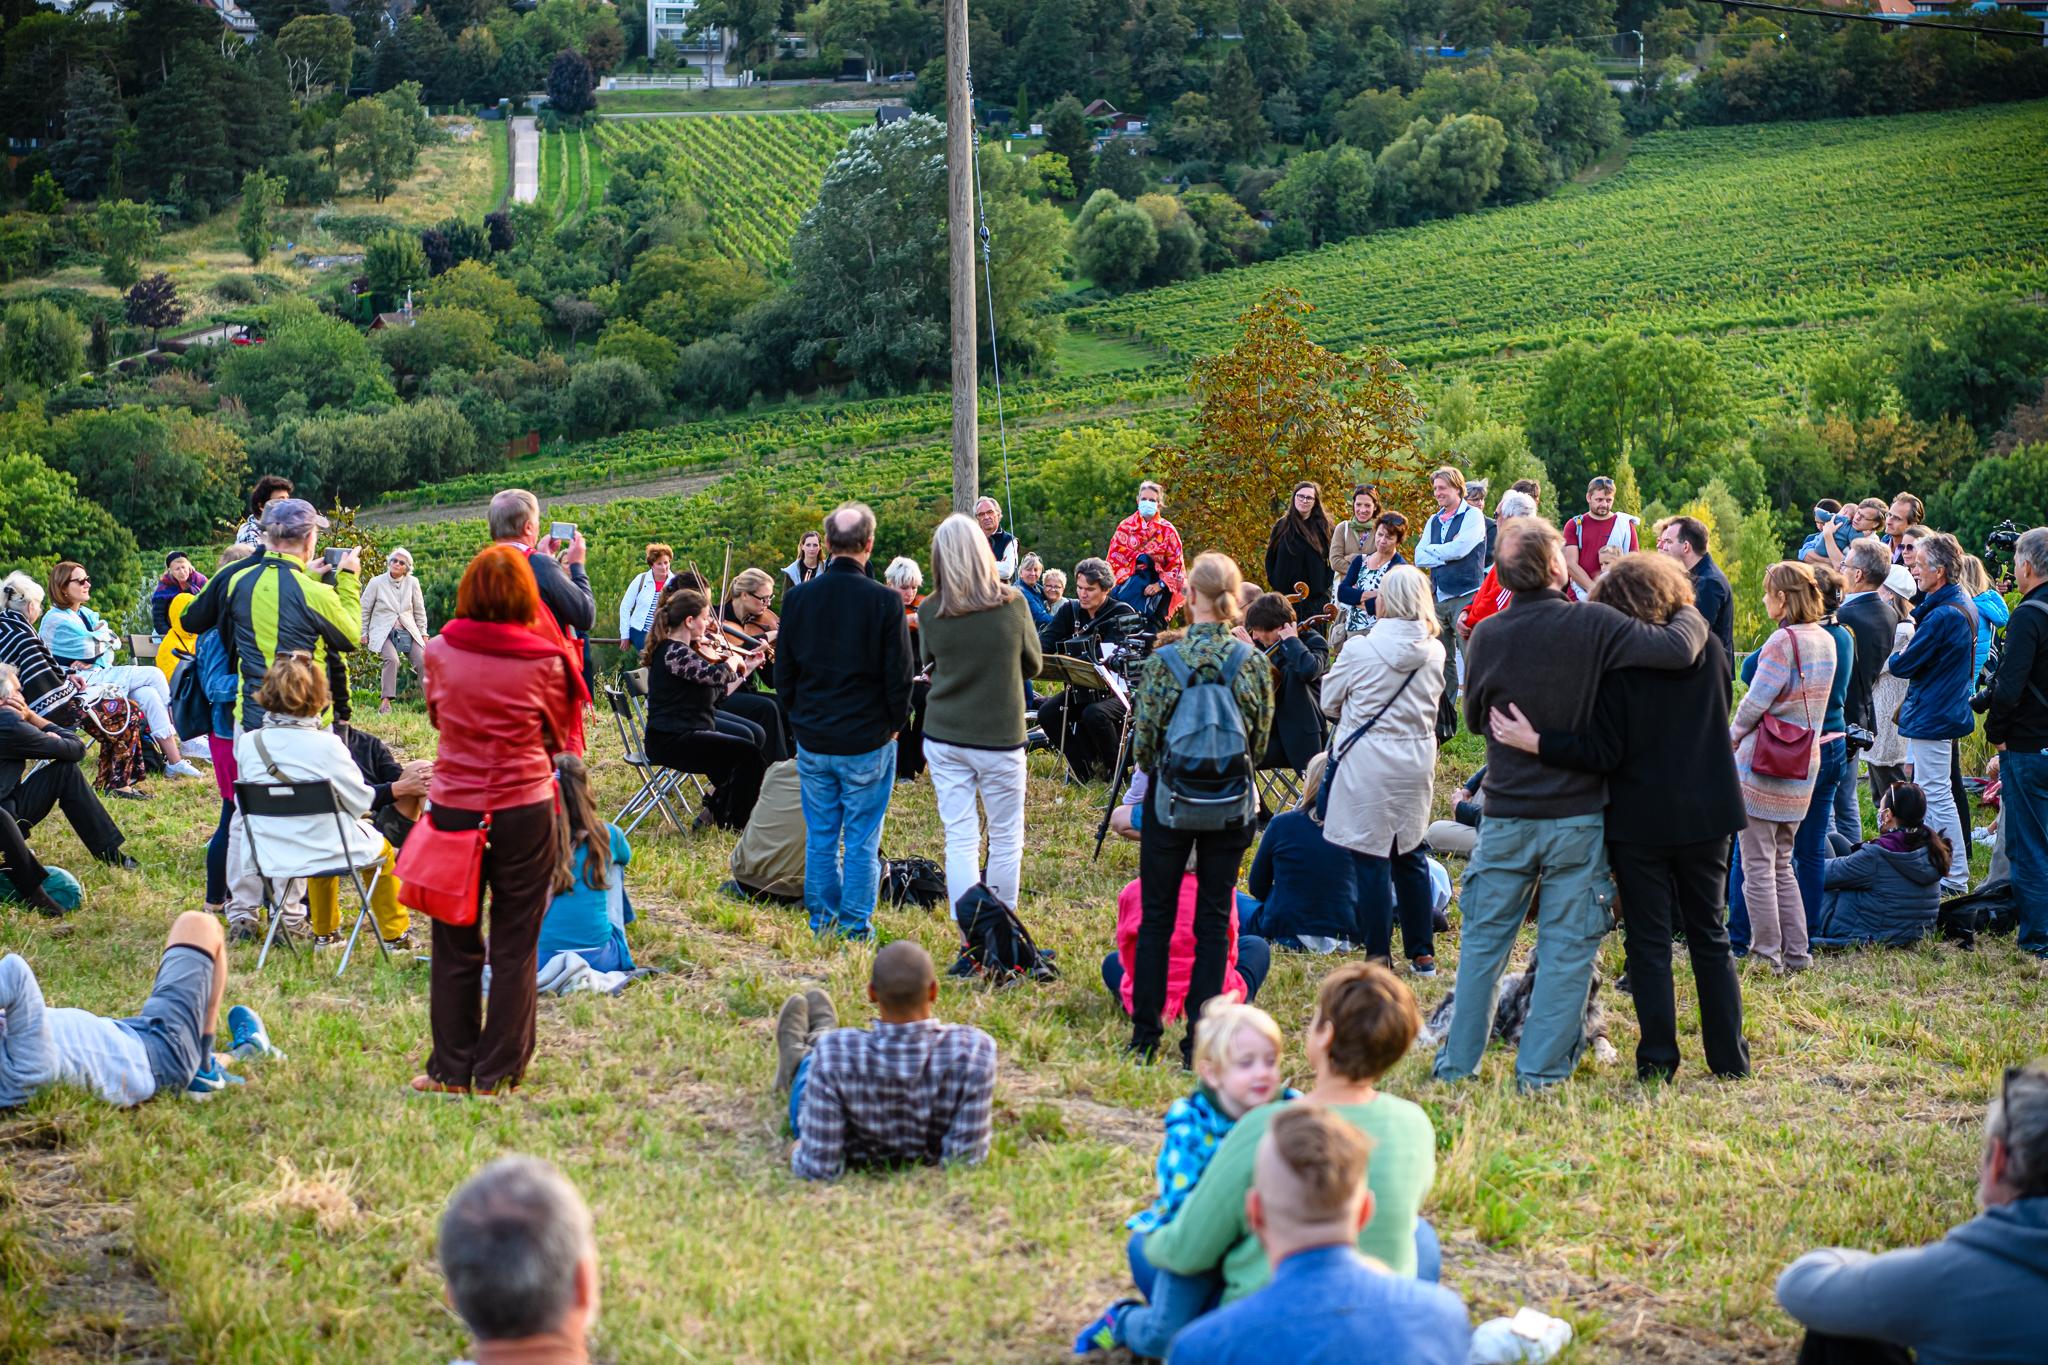 Schubertiade - Eine musikalische Wanderung mit Freunden